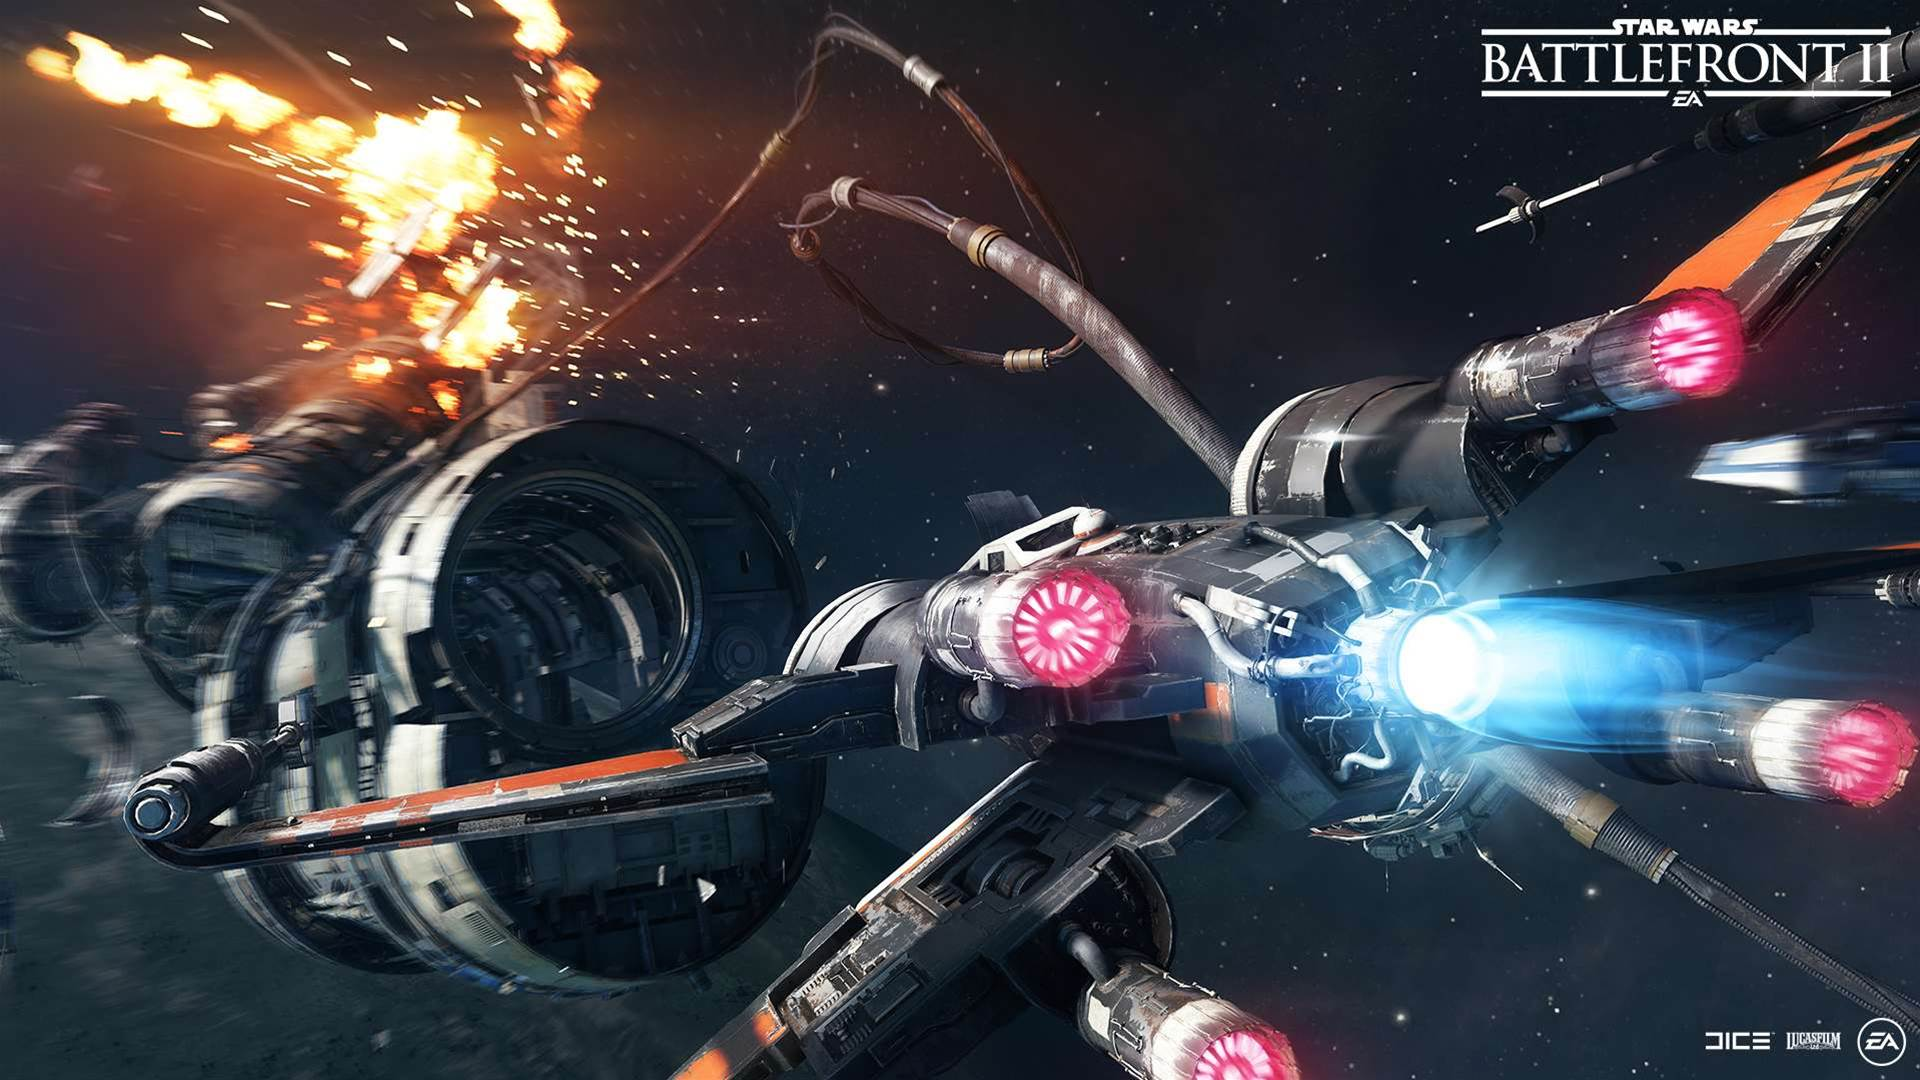 Star Wars Battlefront II The Last Jedi DLC screenshots